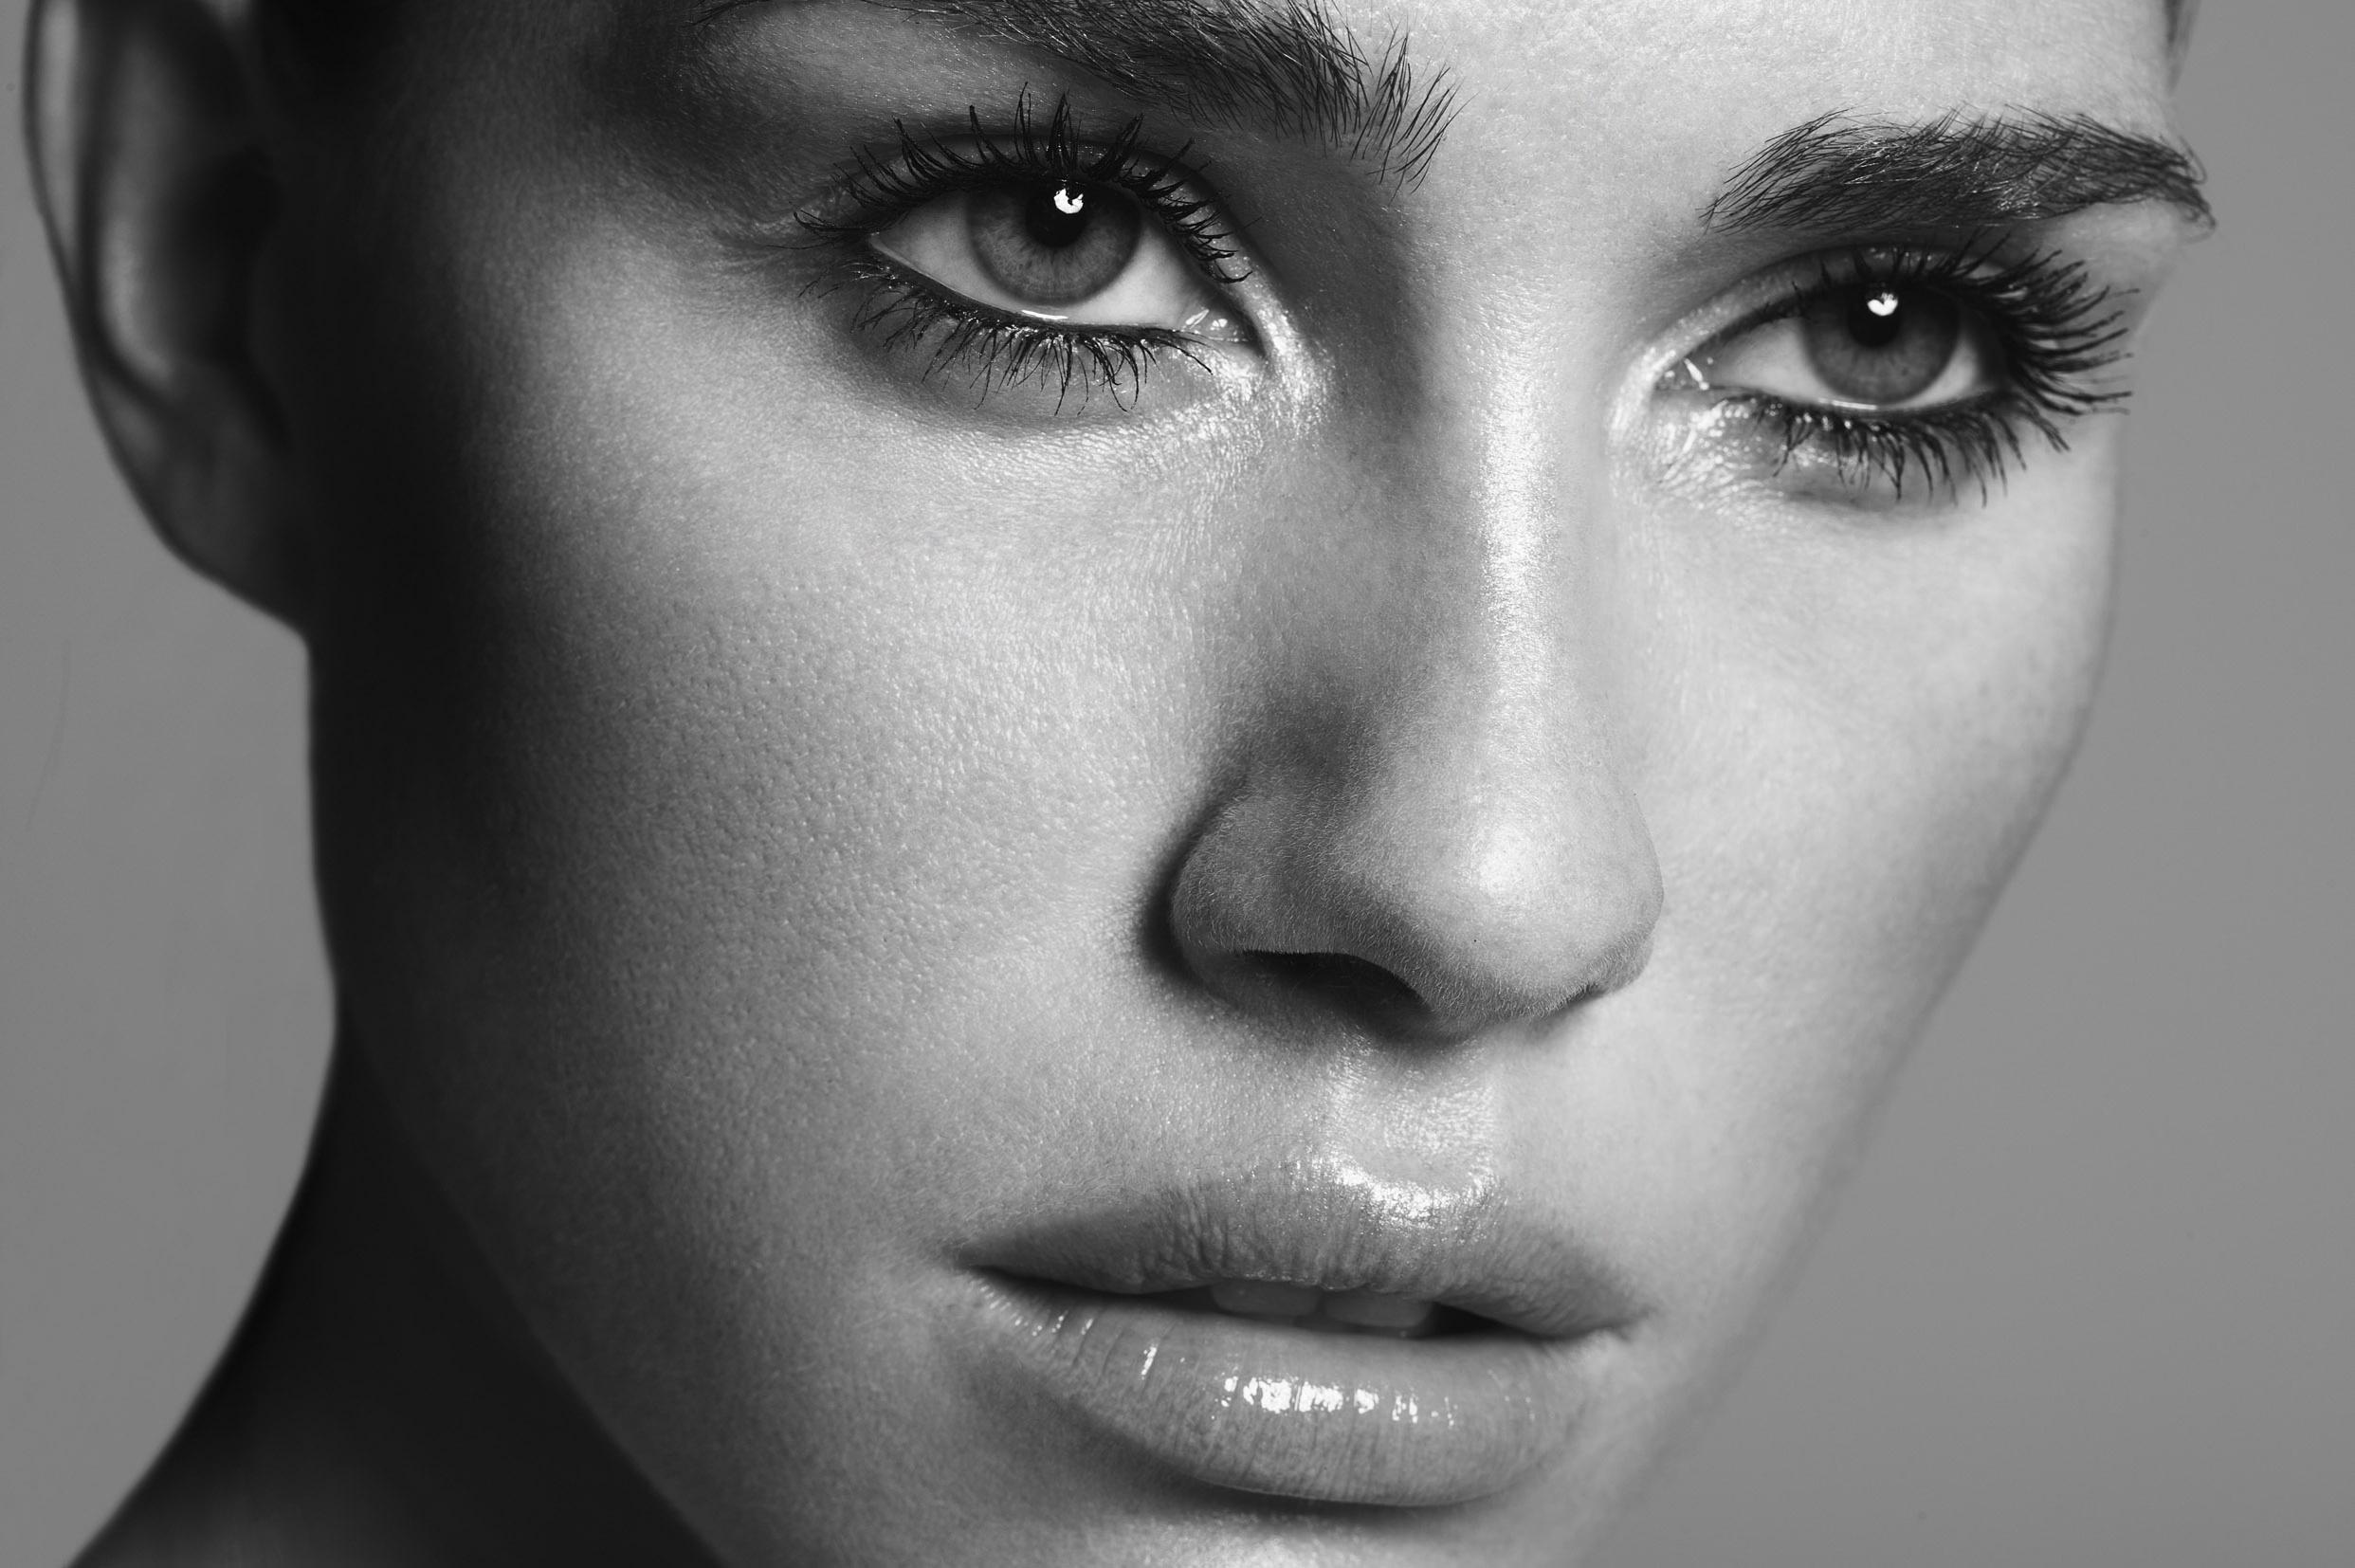 профессиональный как сделать выразительные глаза в чб фото монтажа позволяет существенно